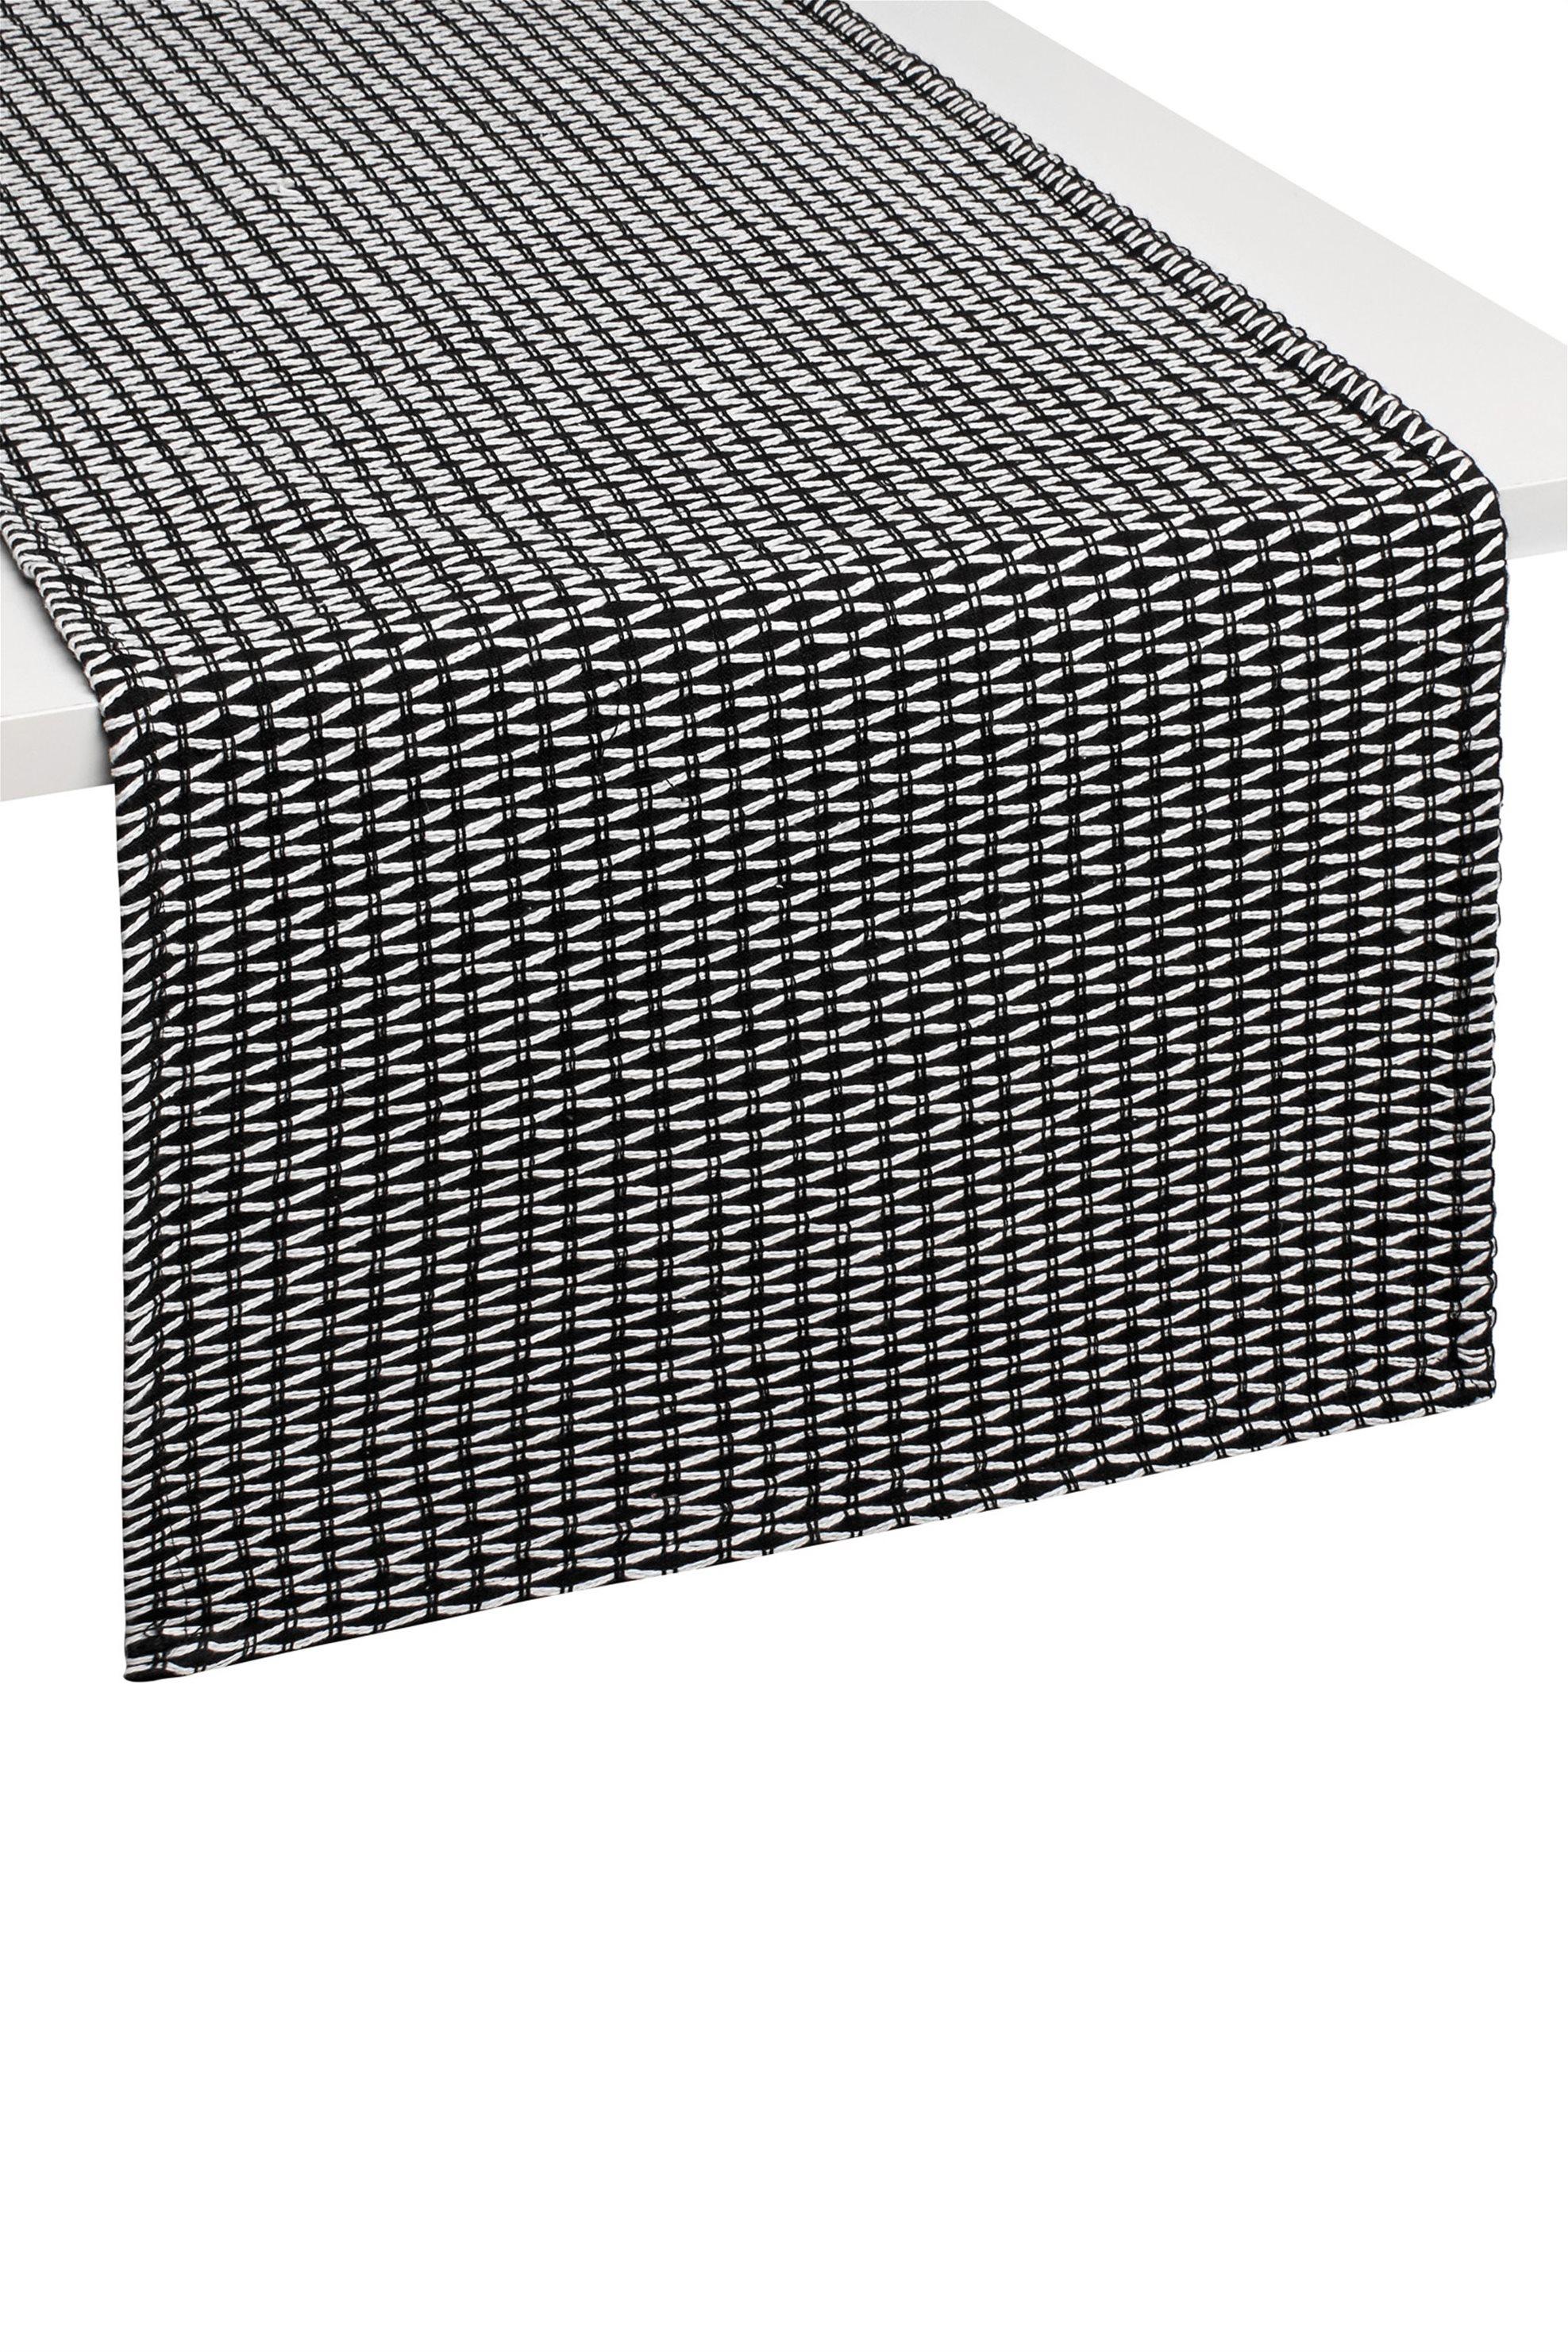 Ράνερ με γεωμετρικό σχέδιο 140 χ 40 cm Coincasa - 000495906 - Μαύρο home   κουζινα   τραβέρσες   ράνερ